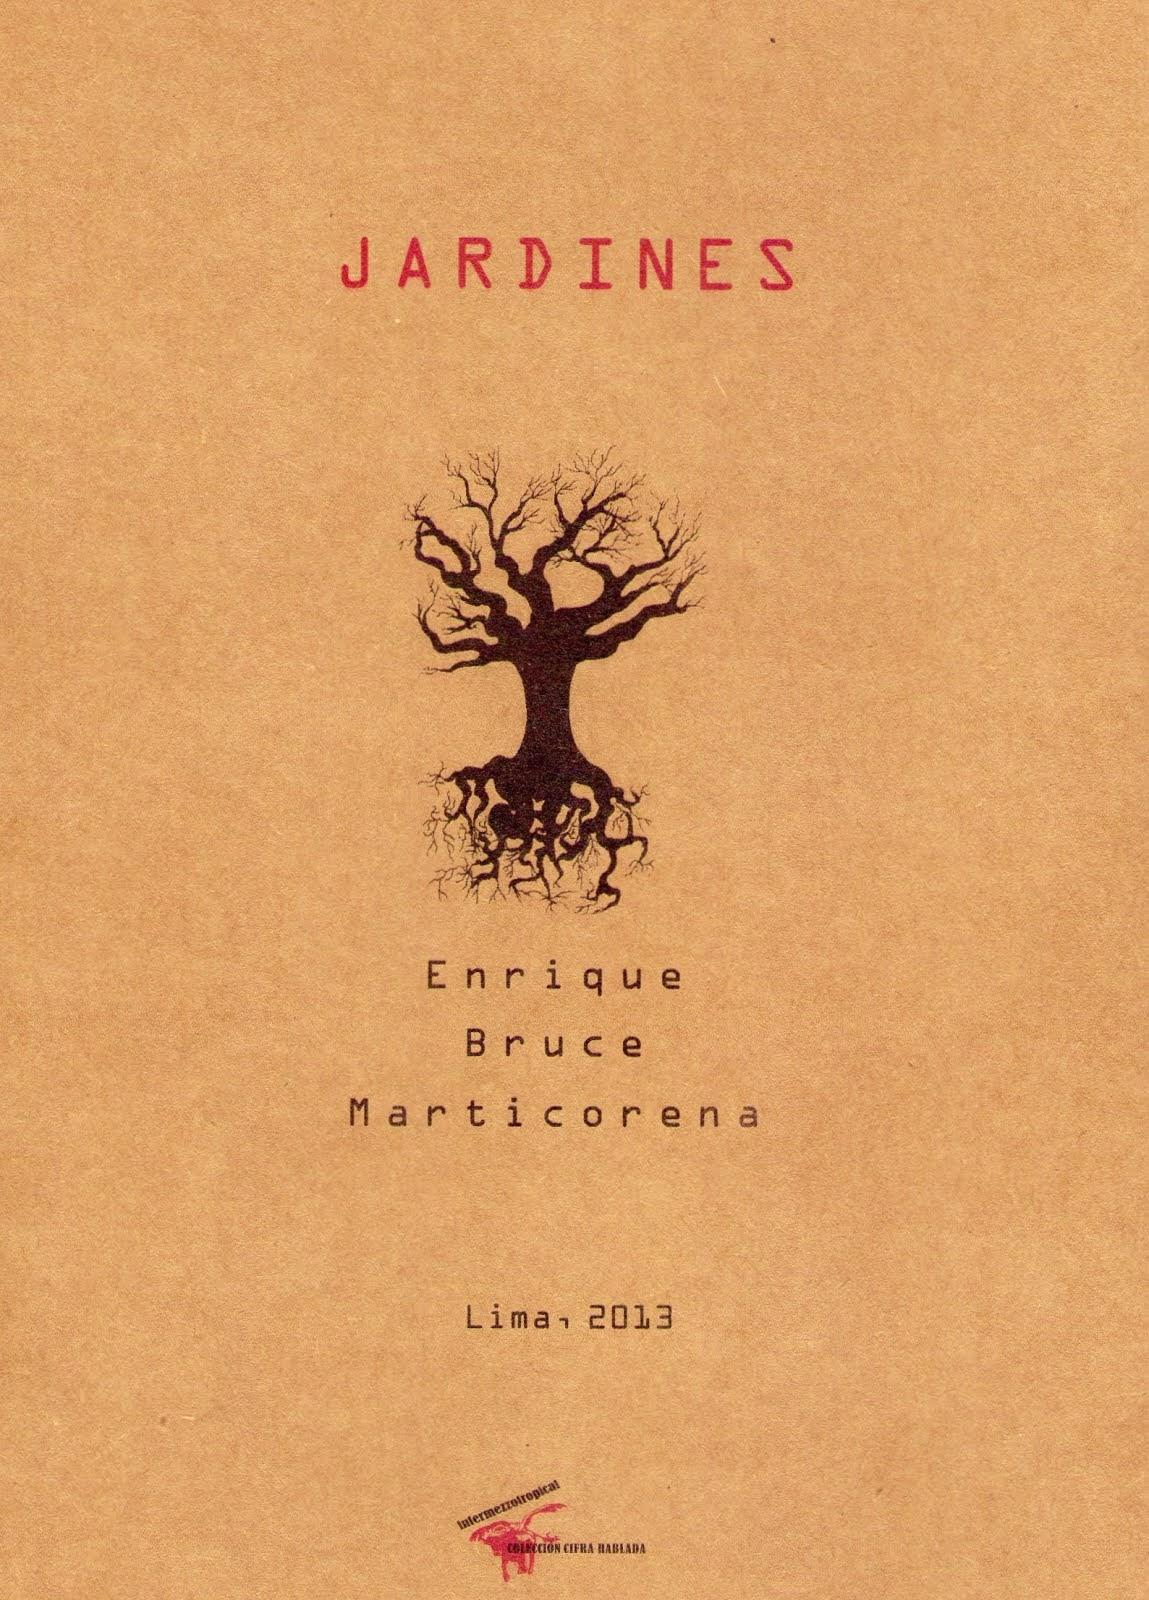 JARDINES DE ENRIQUE BRUCE